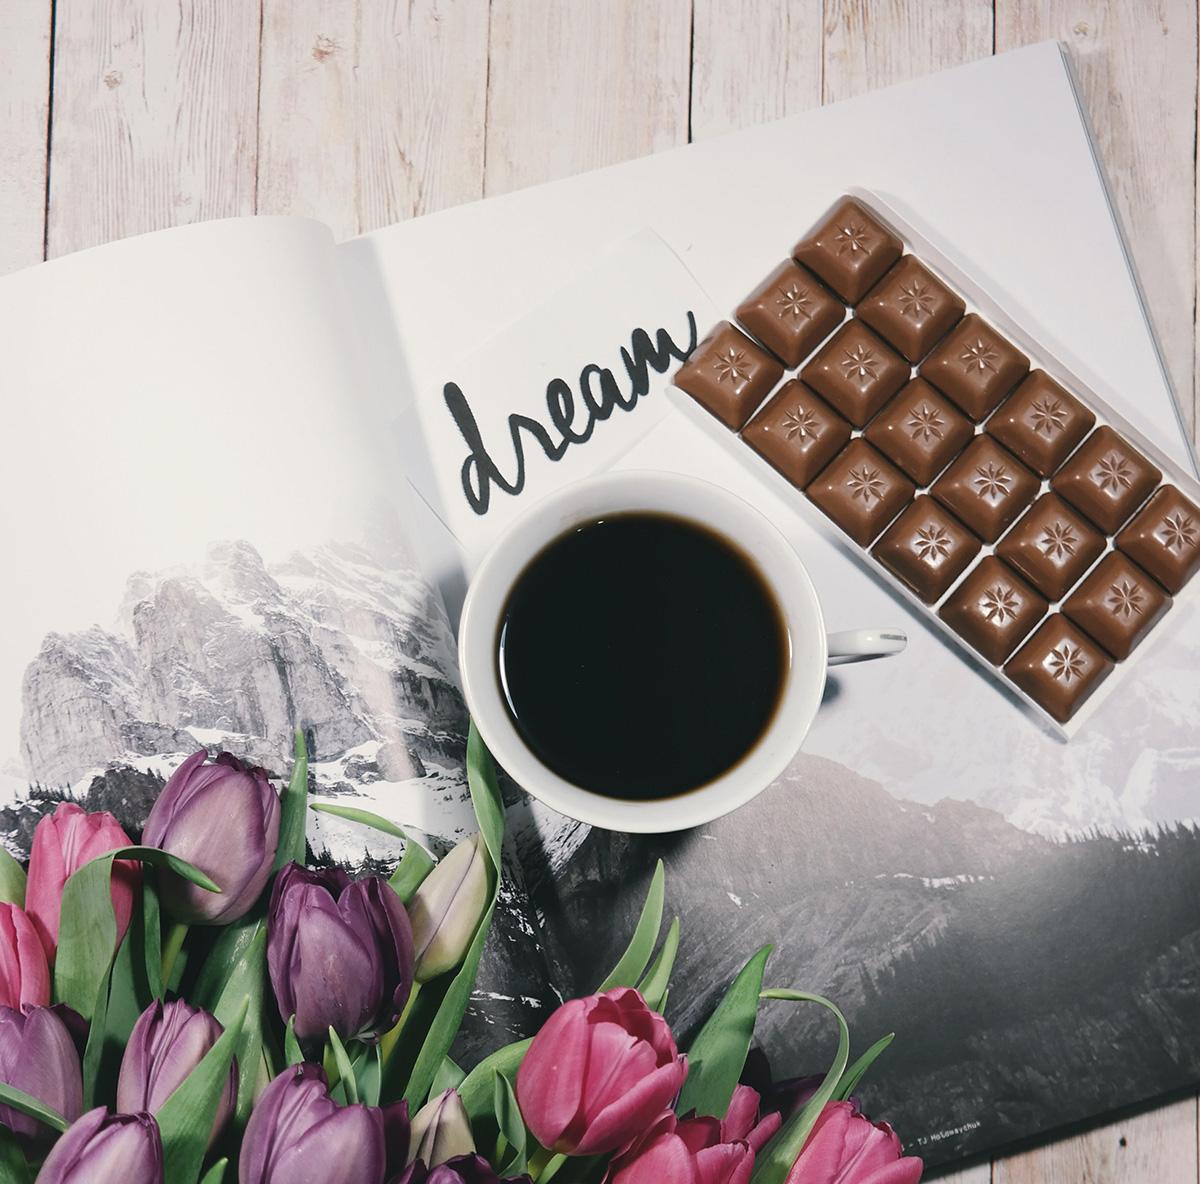 Dlaczego słodycze nas uszczęśliwiają? Nasze kosz delikatesowe z dodatkiem słodkości, ponieważ zawsze warto wysłać Kosz ze słodyczami!